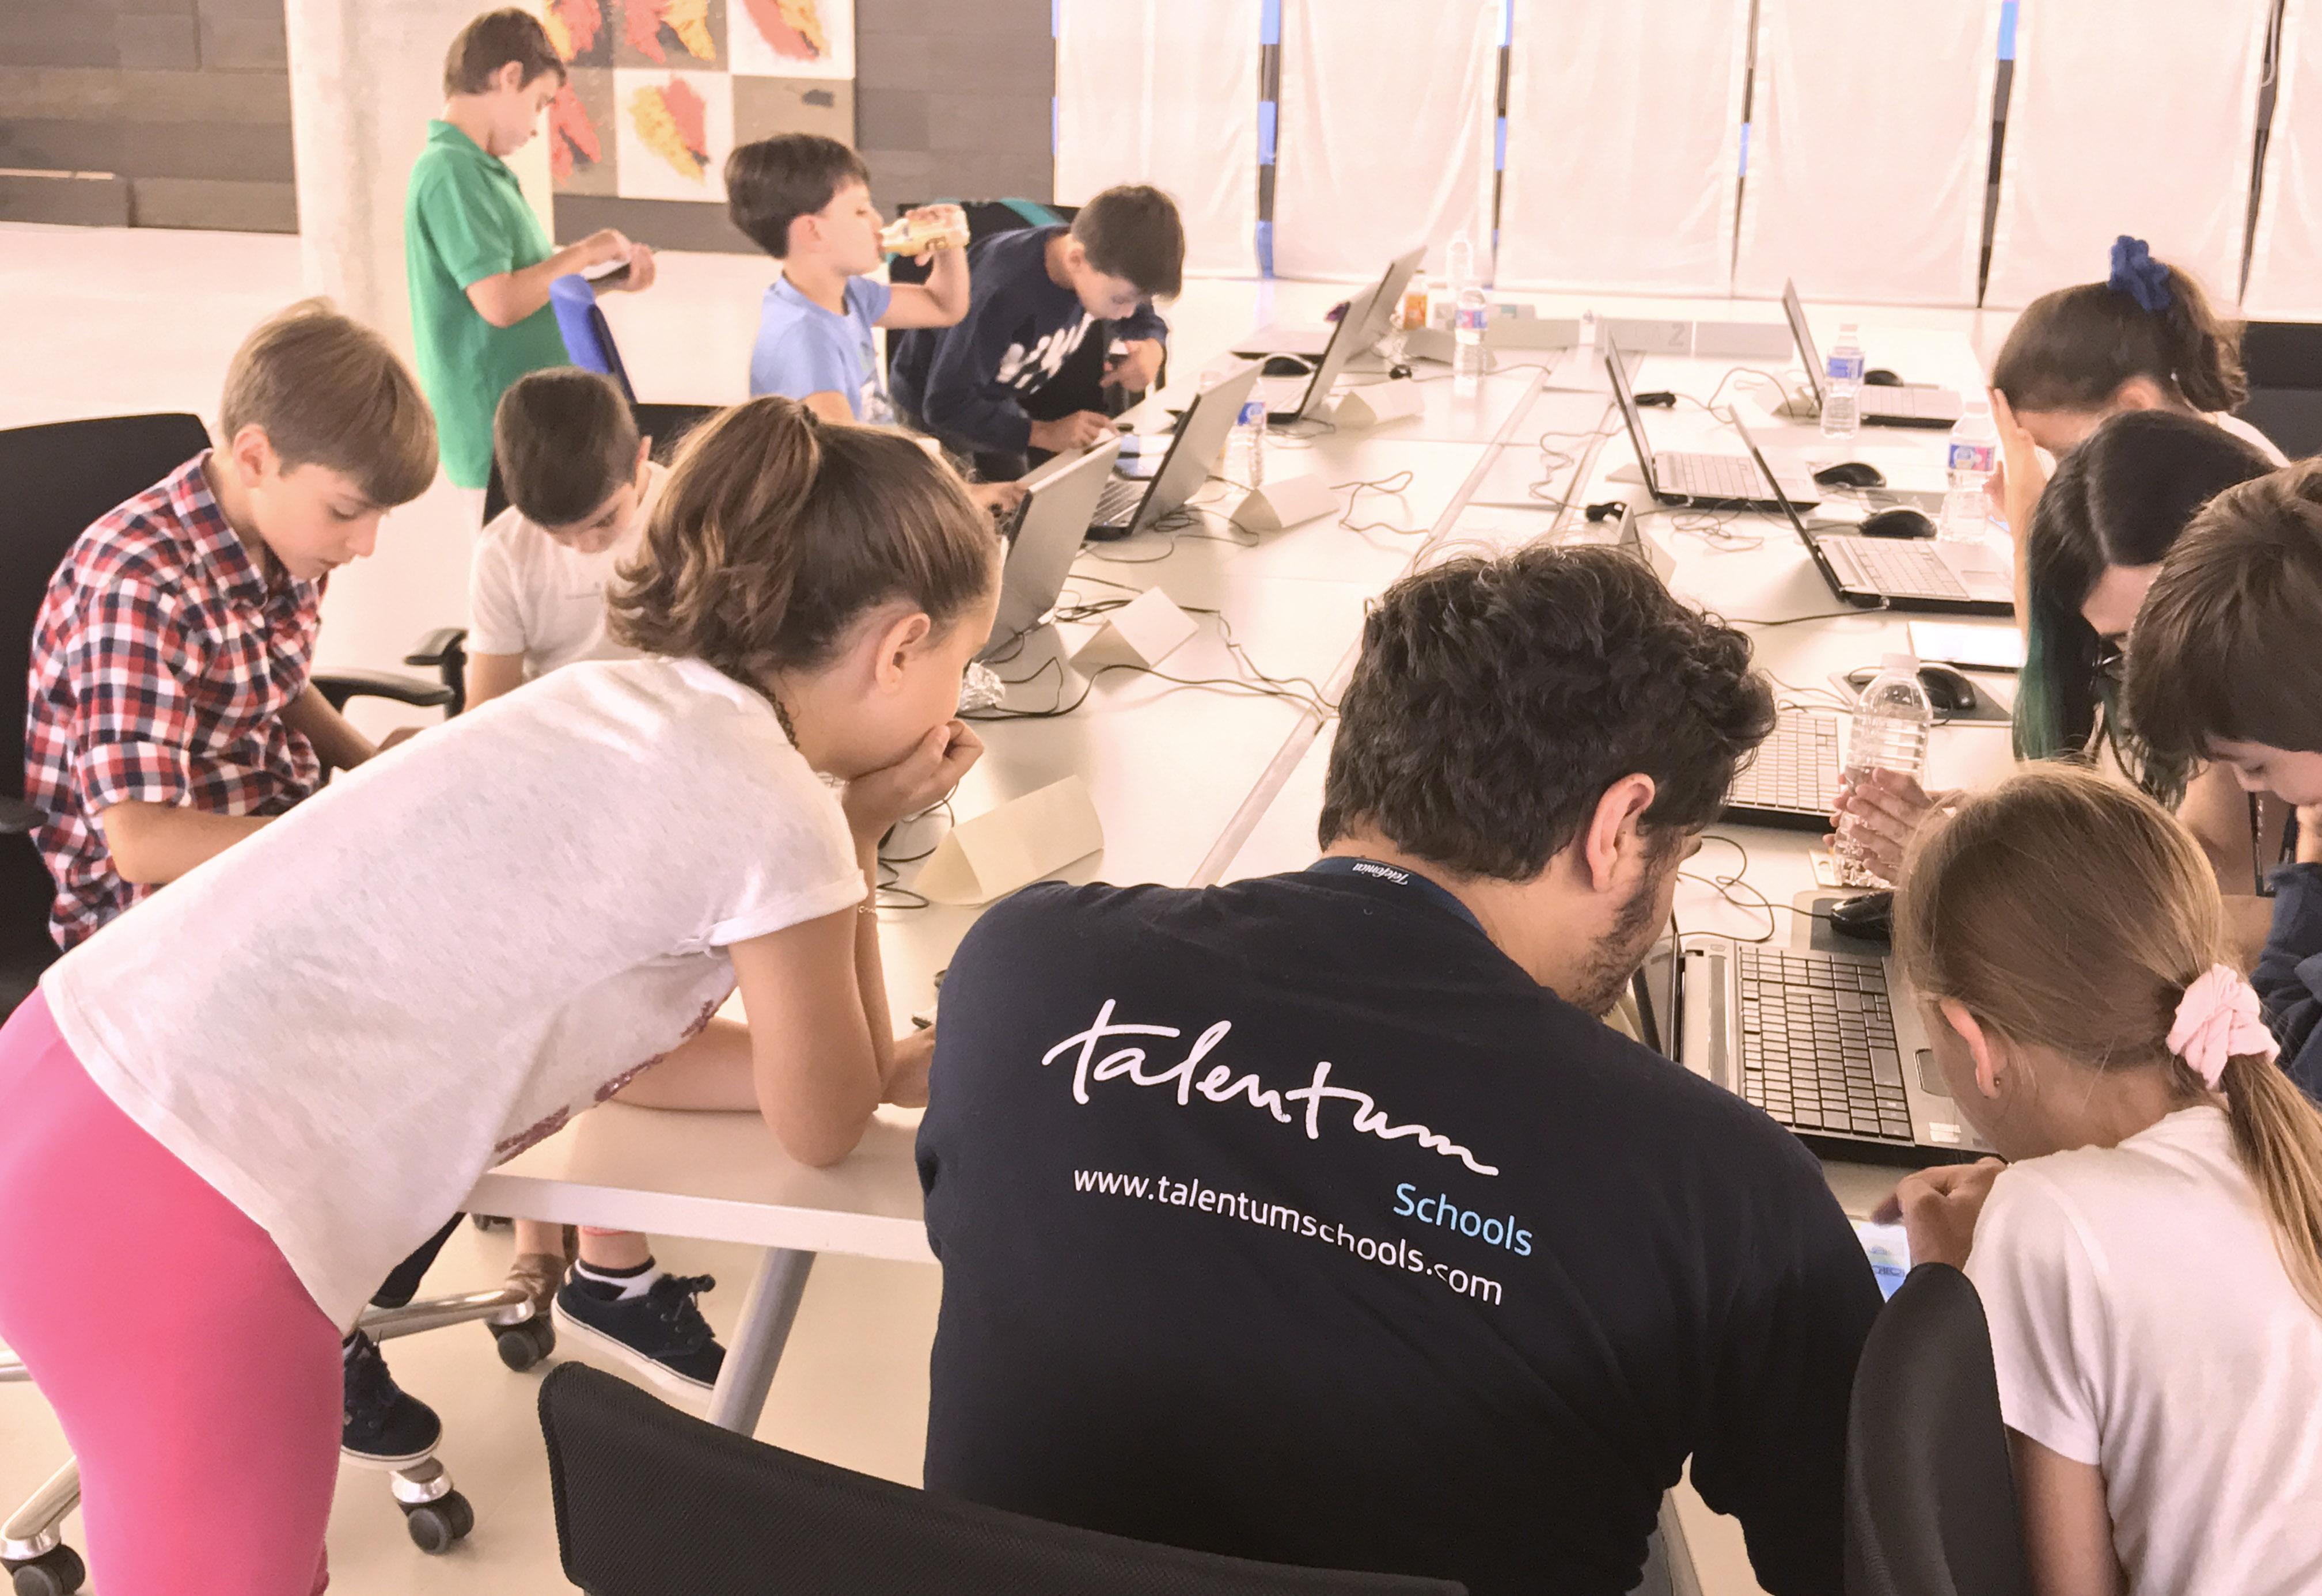 Los consejos del creador de Khan Academy para estudiar cursos online gratis